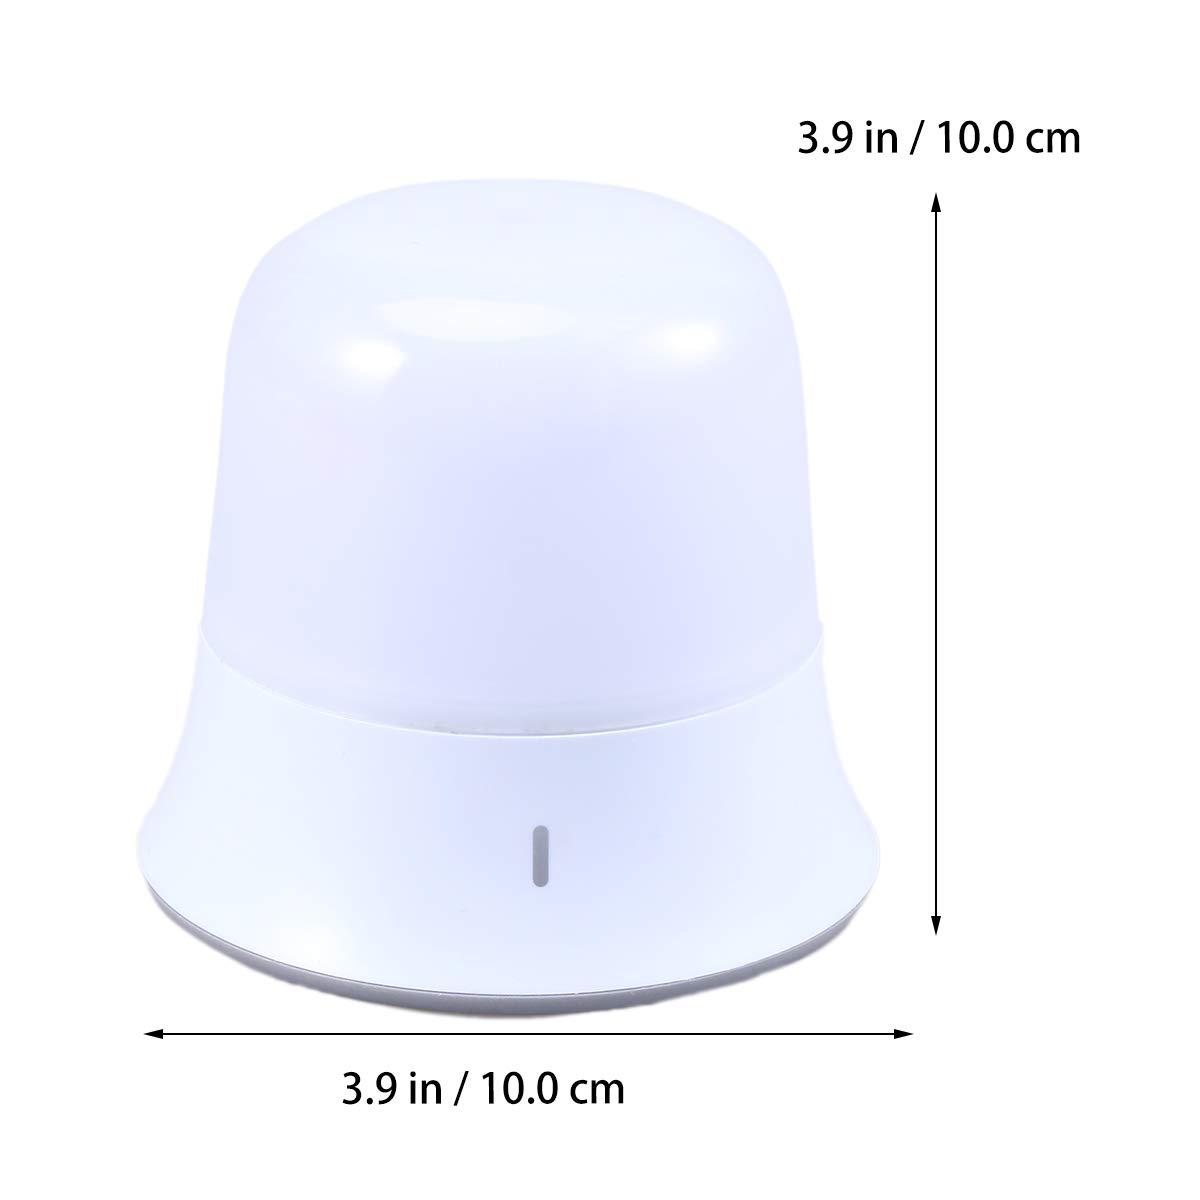 De Lámpara Ledmomo Sensor Cabecera Táctil Con Yb76fgvy